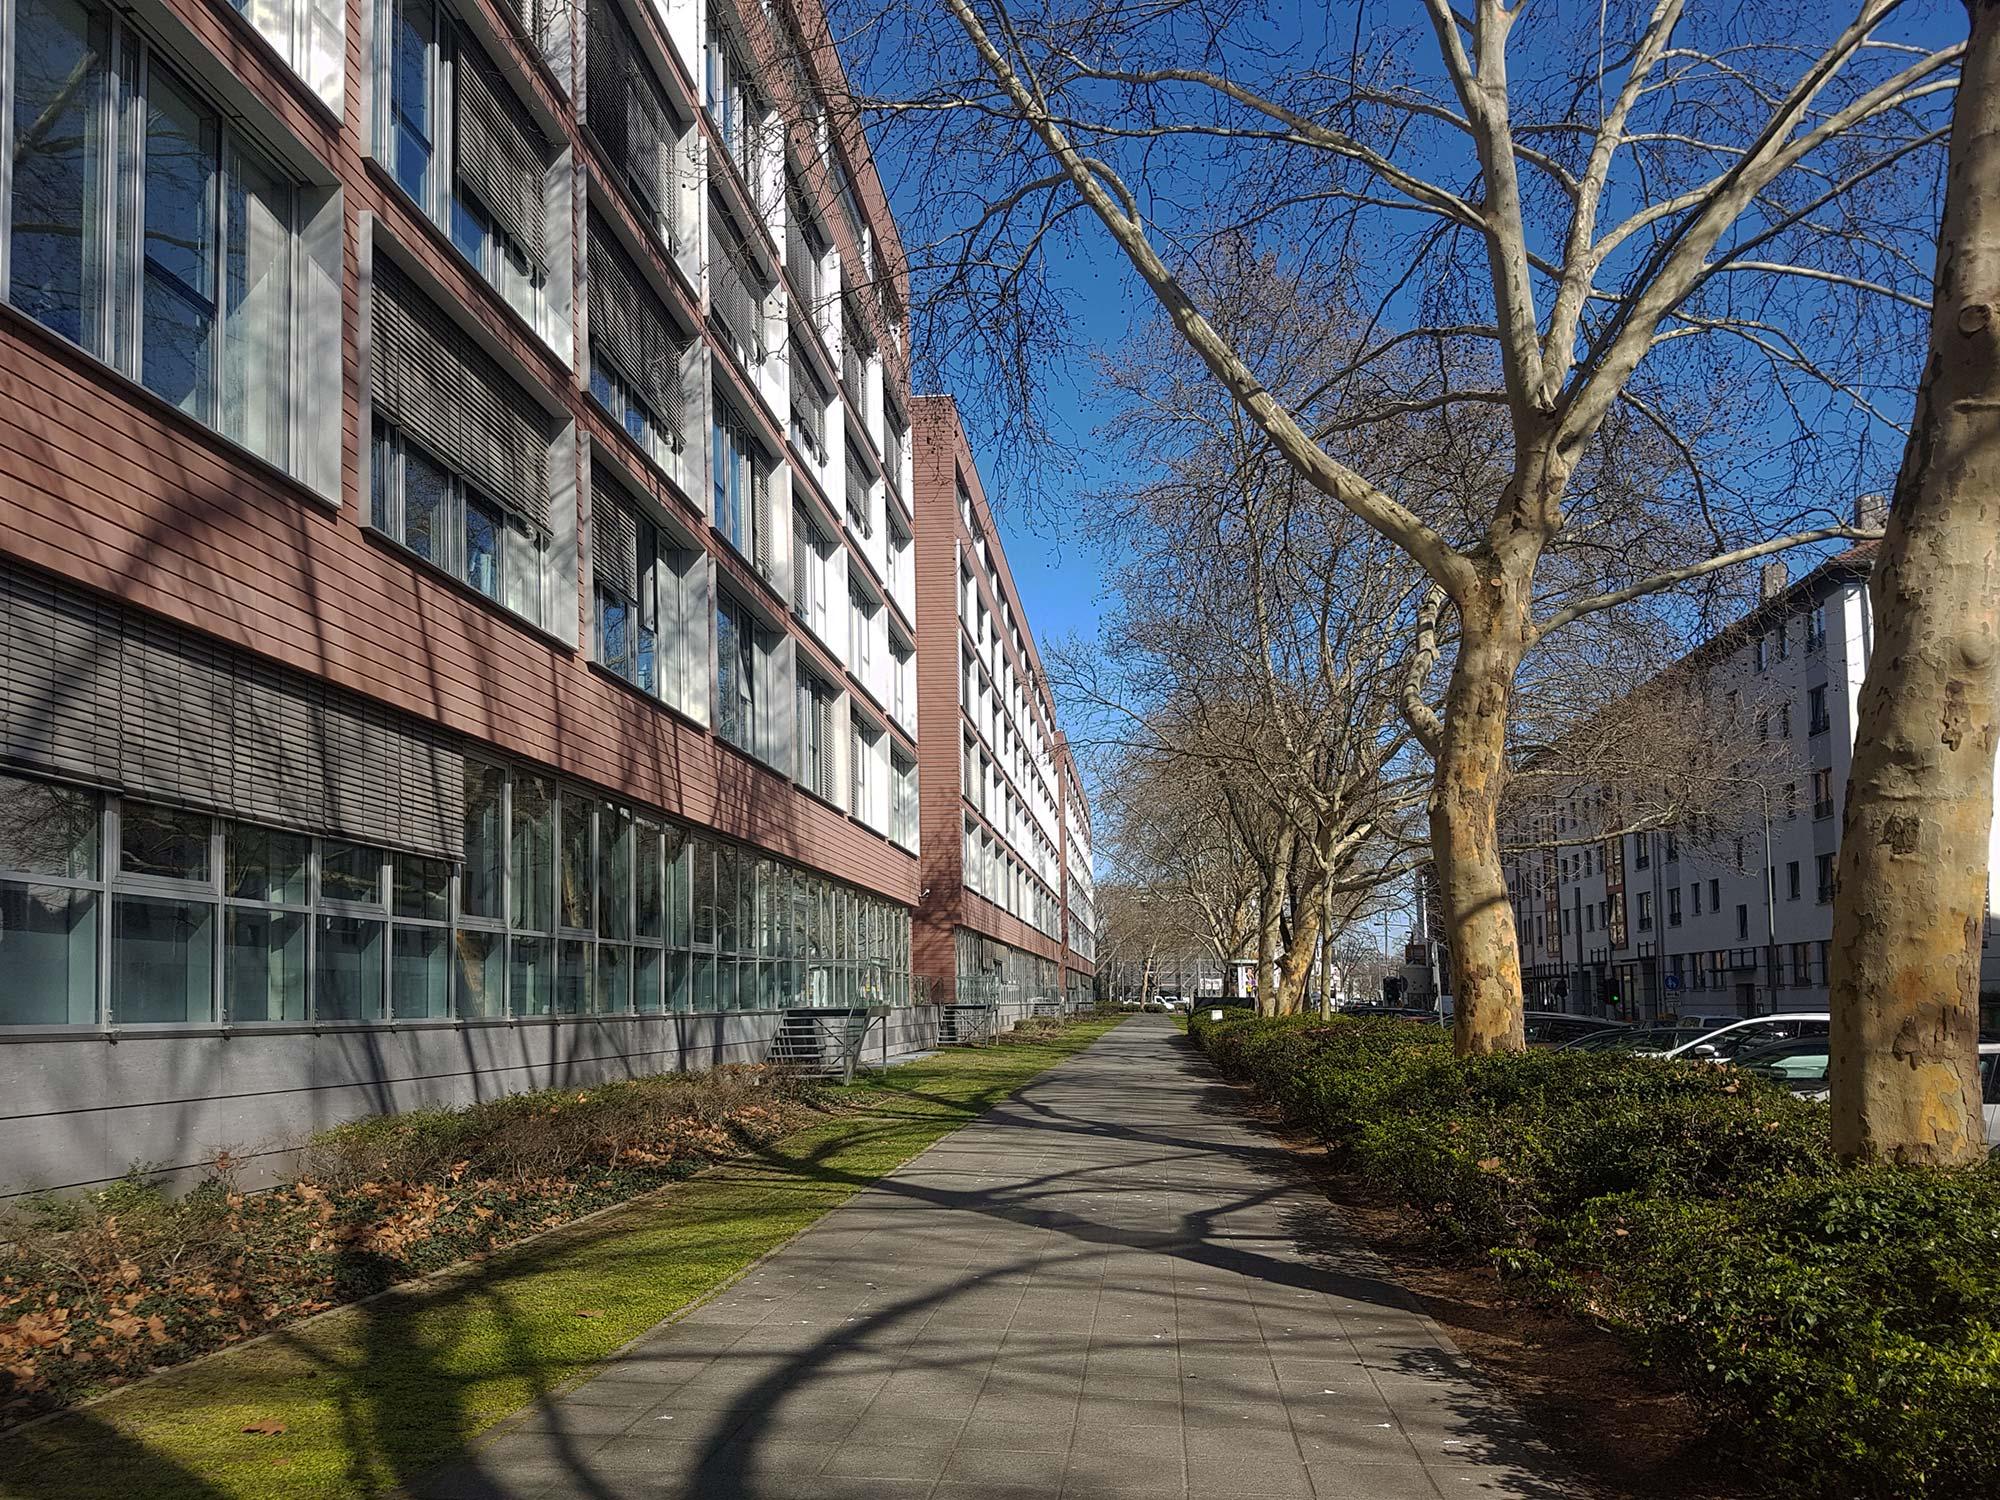 Architektur Frankfurt - Bürohaus der Allianz am Theodor-Stern-Kai - Allianz Kai Blockrandbebauung